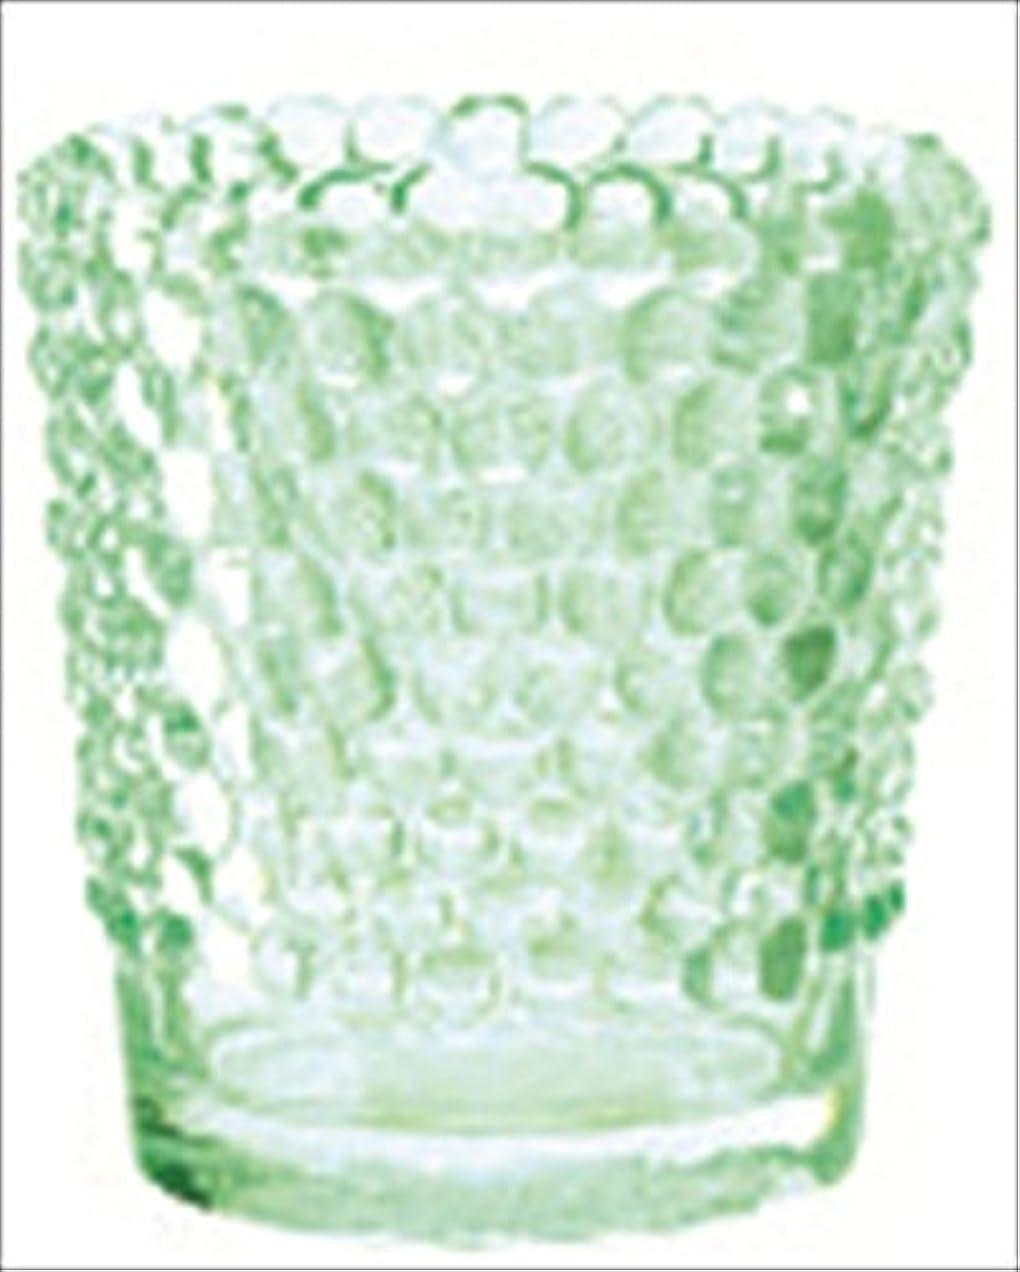 シェルインターネット化合物カメヤマキャンドル( kameyama candle ) ホビネルグラス 「 エメラルド 」